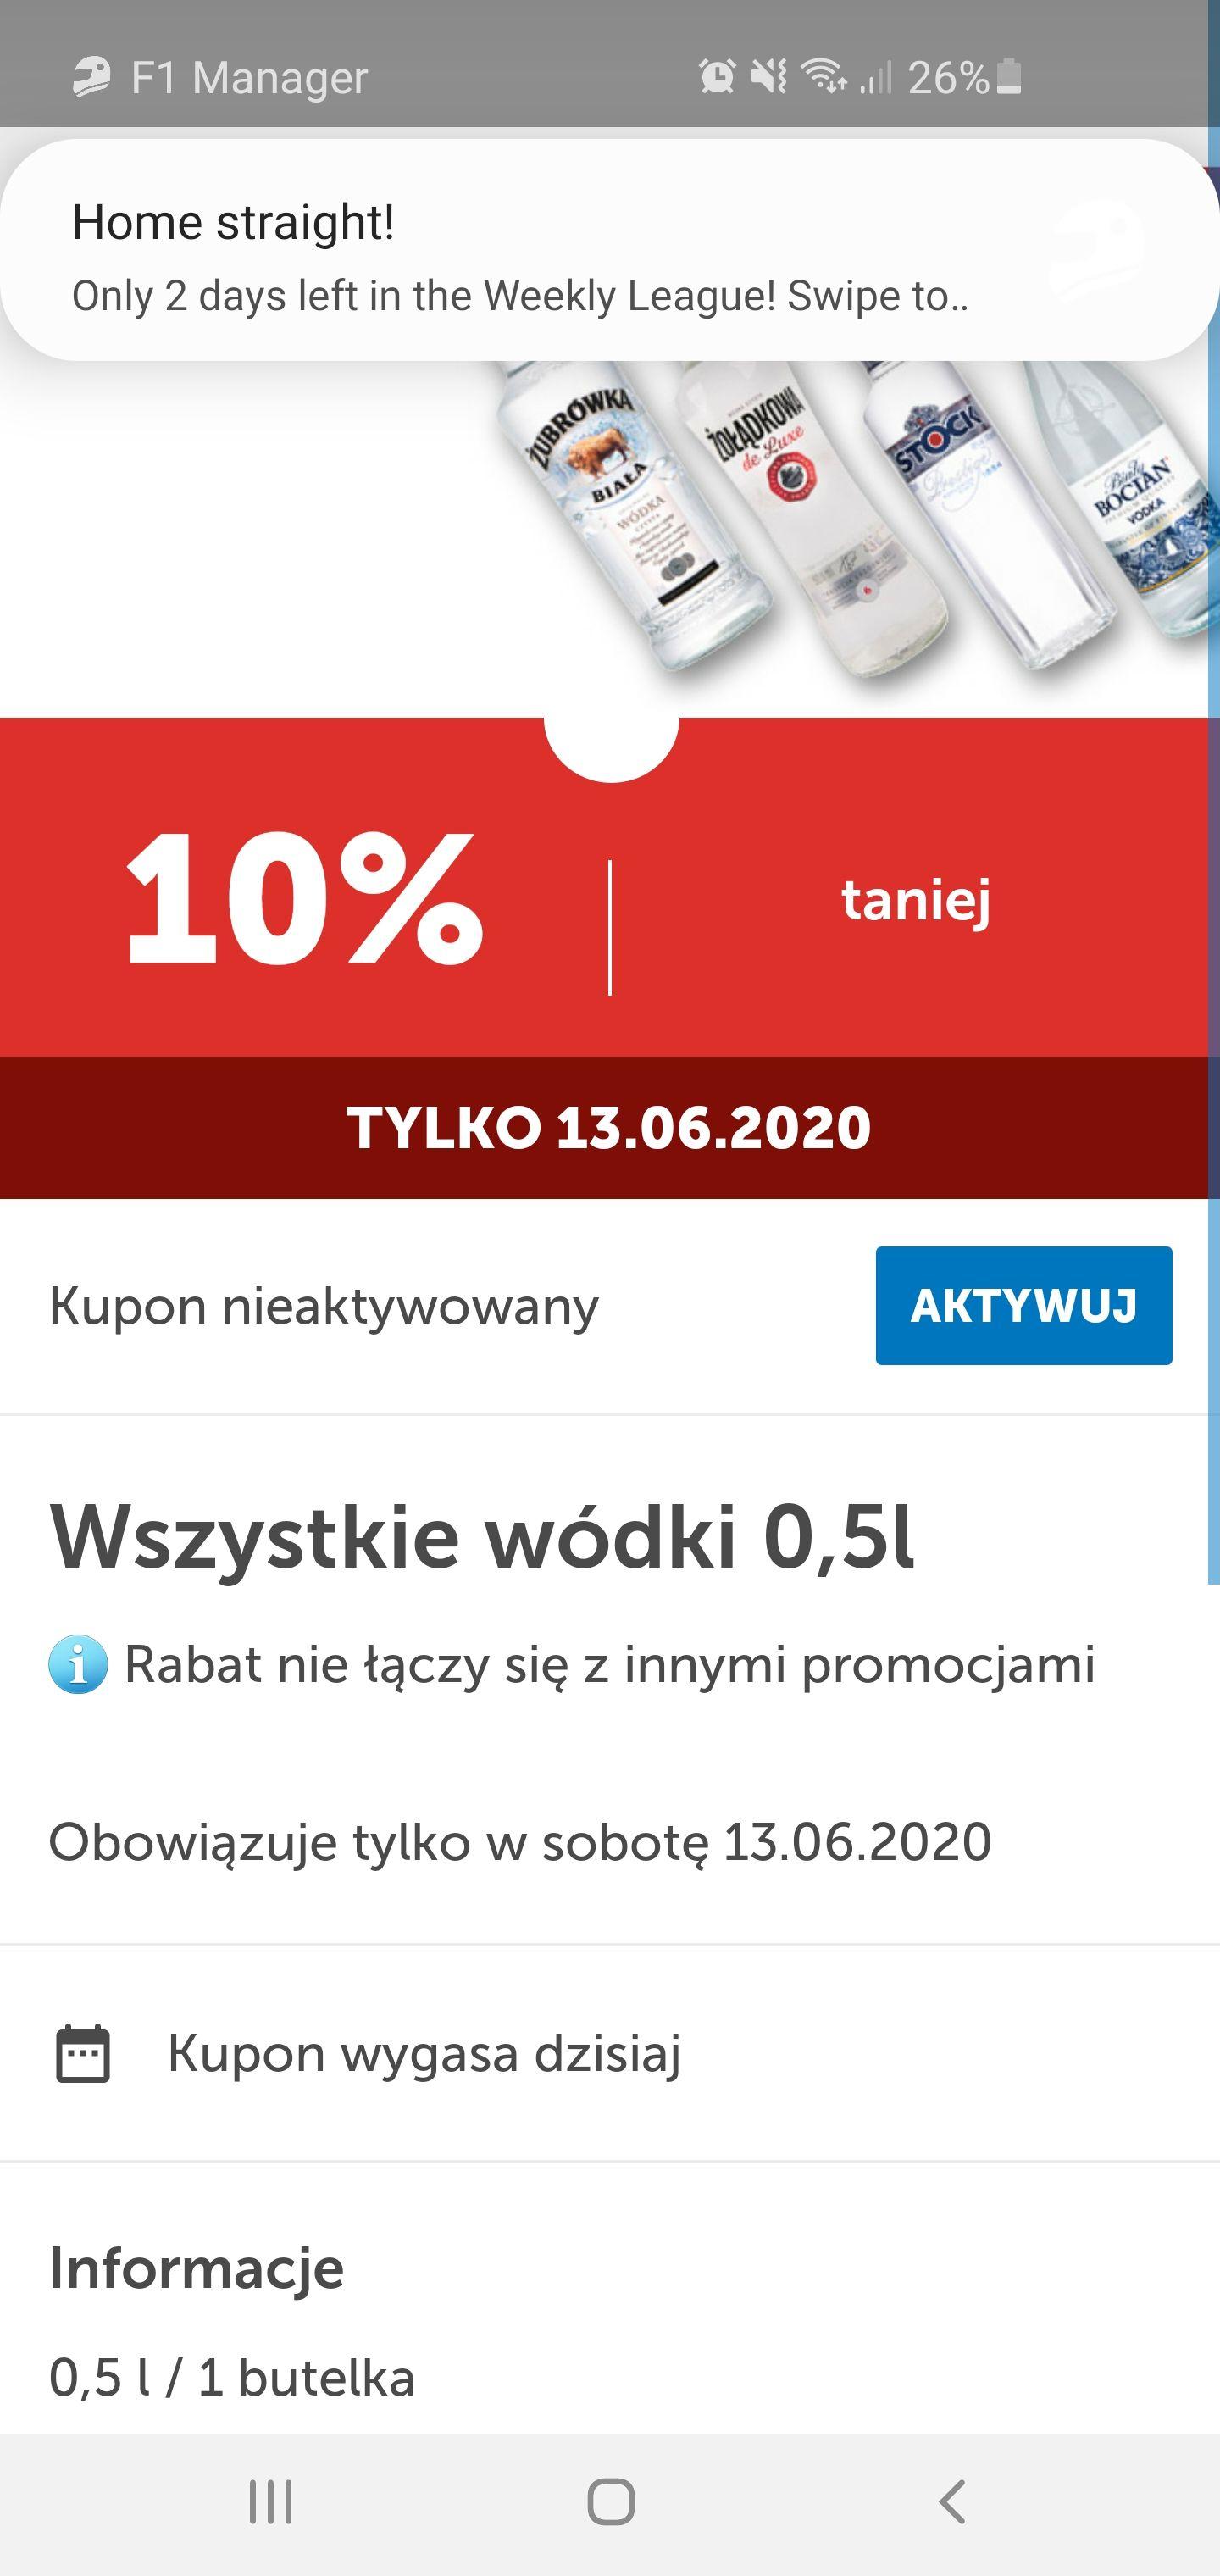 271921-KfLzJ.jpg